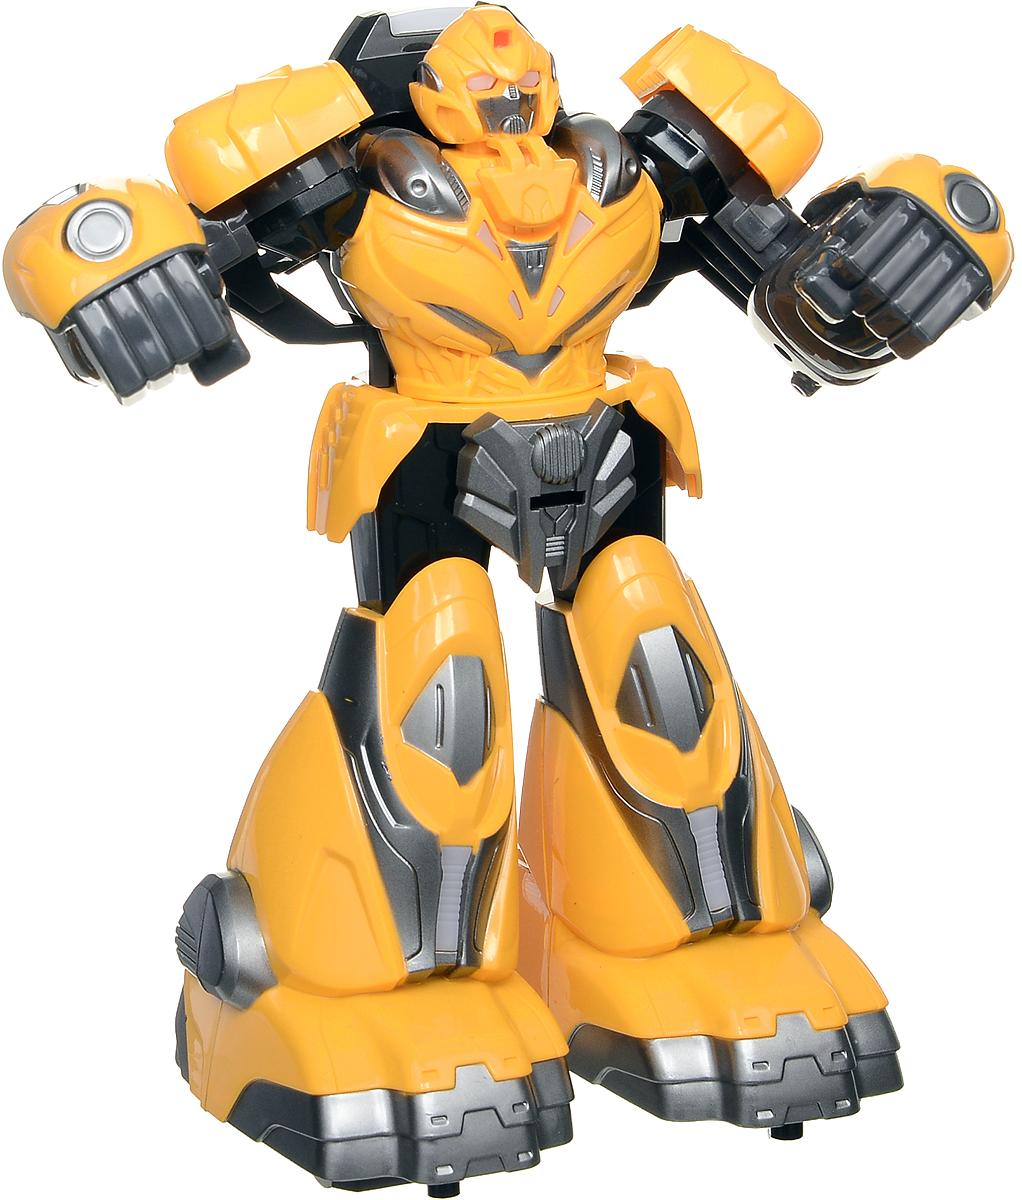 Yako Робот на радиоуправлении цвет желтый серый